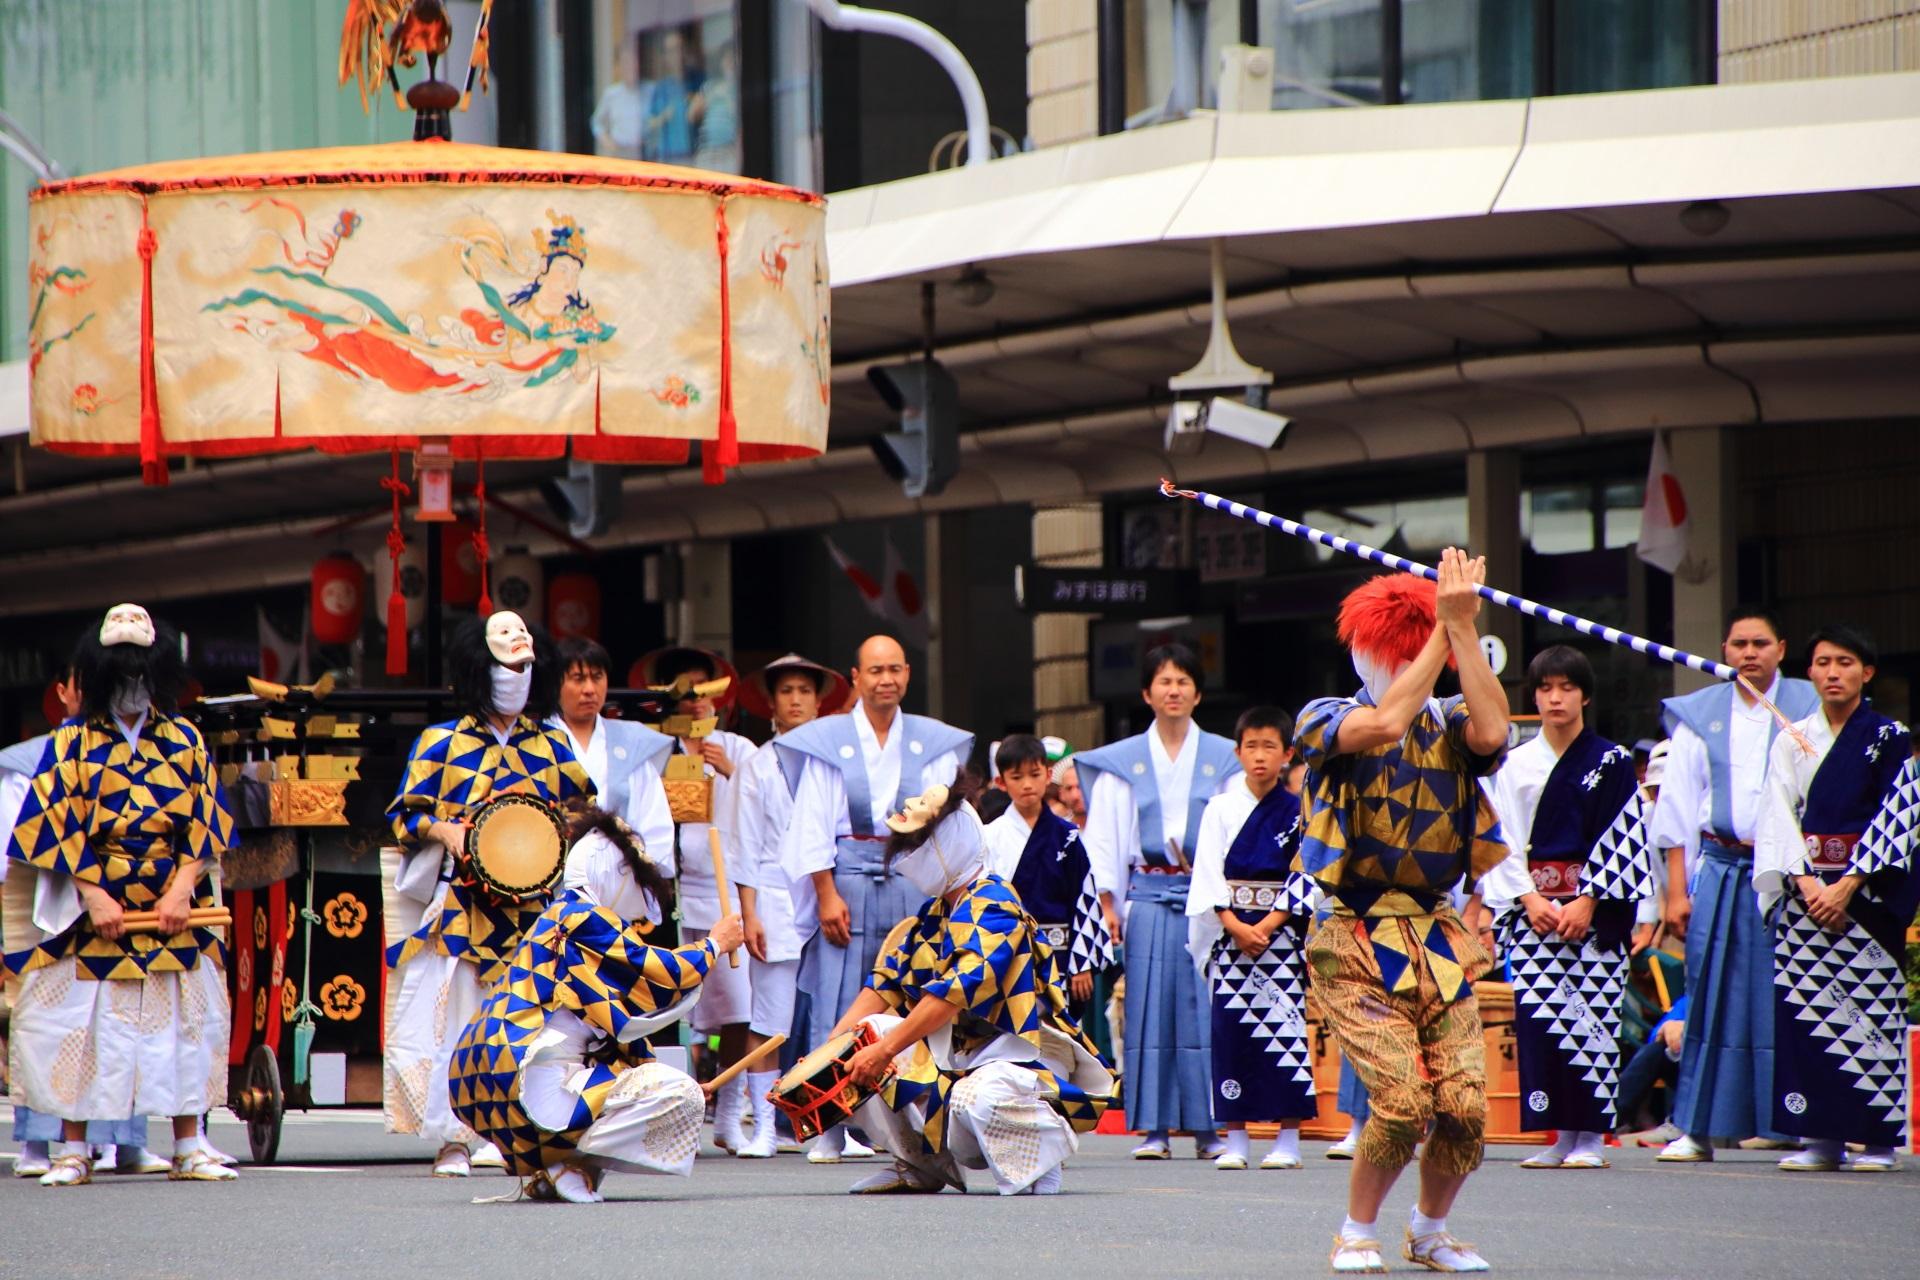 祇園祭の山鉾の古い形態を残す綾傘鉾